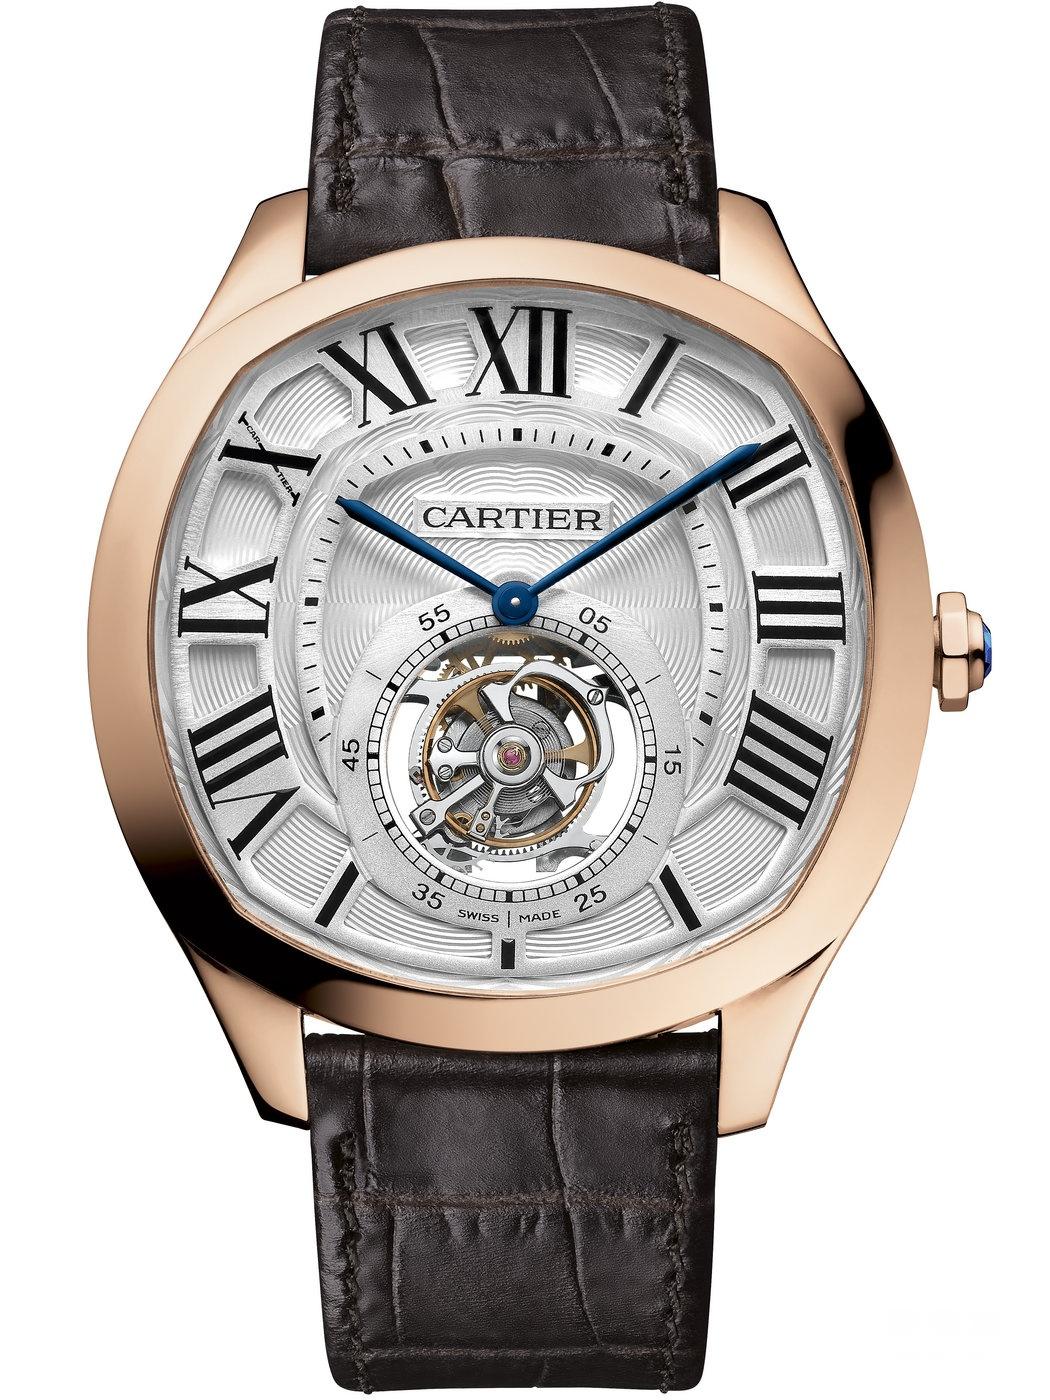 以手抵心 随心所驭 张震真我演绎全新Drive de Cartier系列腕表